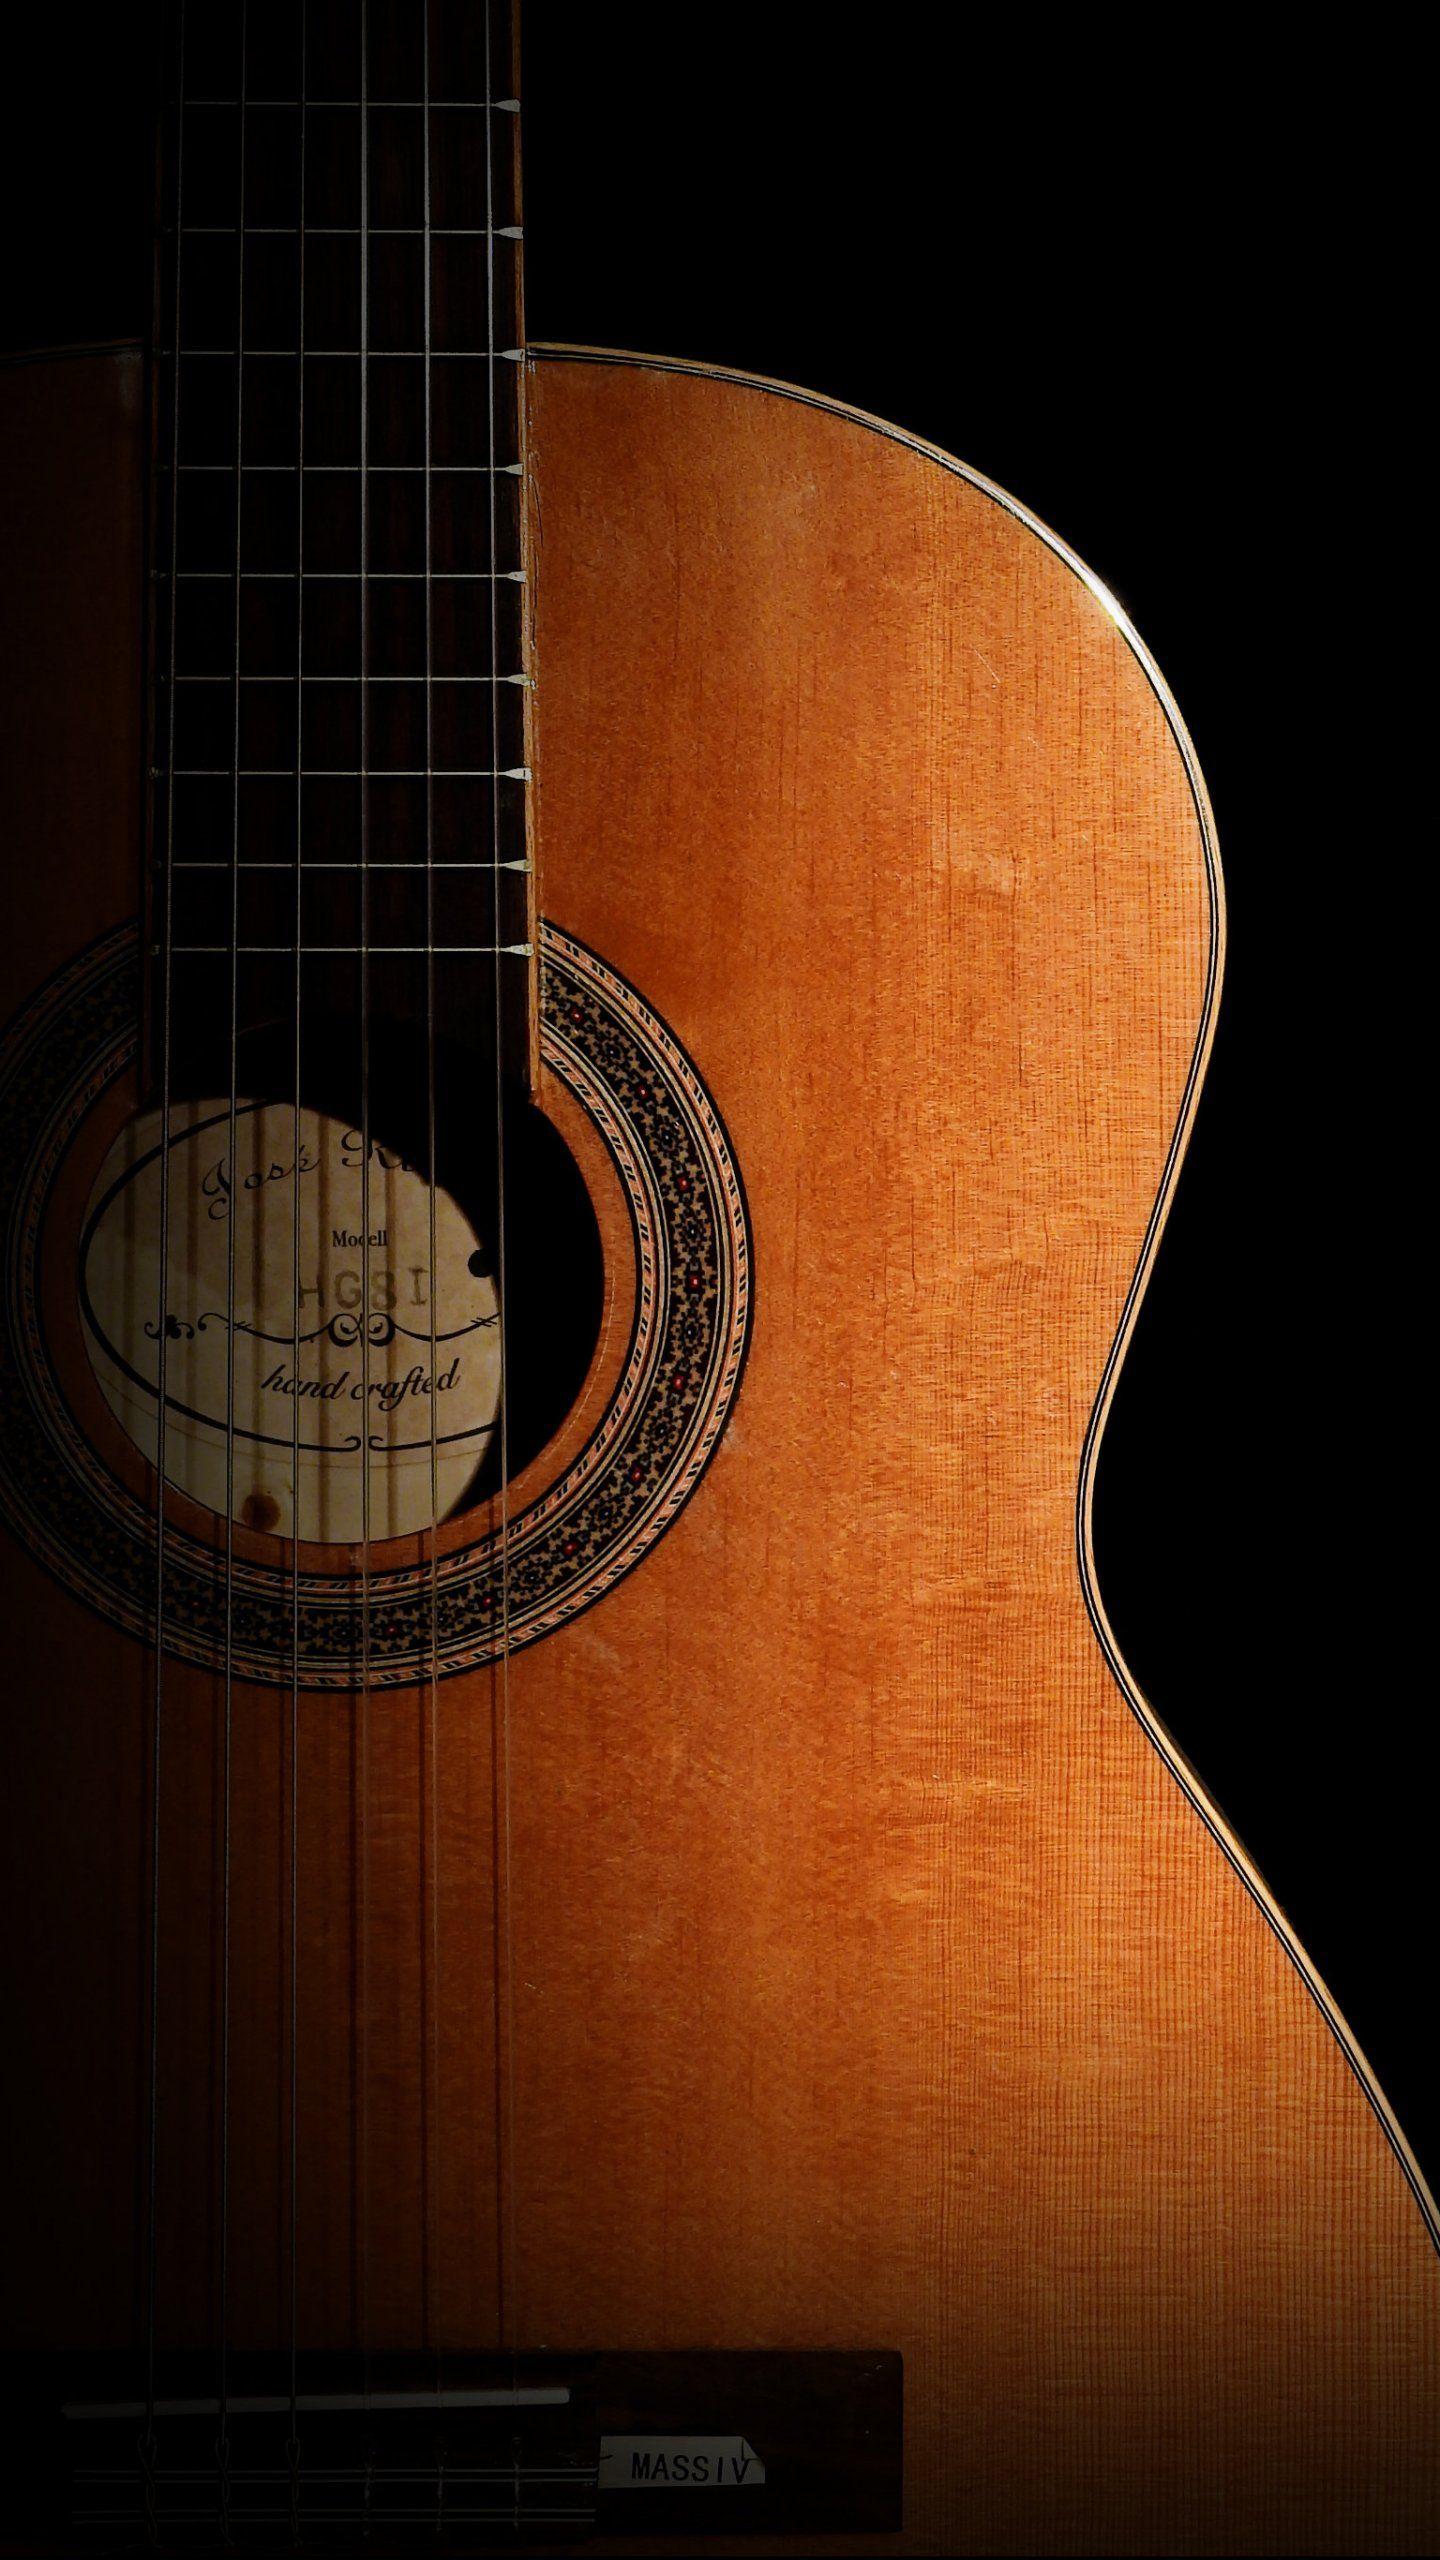 Guitar Wallpaper Iphone Android Desktop Backgrounds Guitar Wallpaper Iphone Acoustic Guitar Photography Guitar